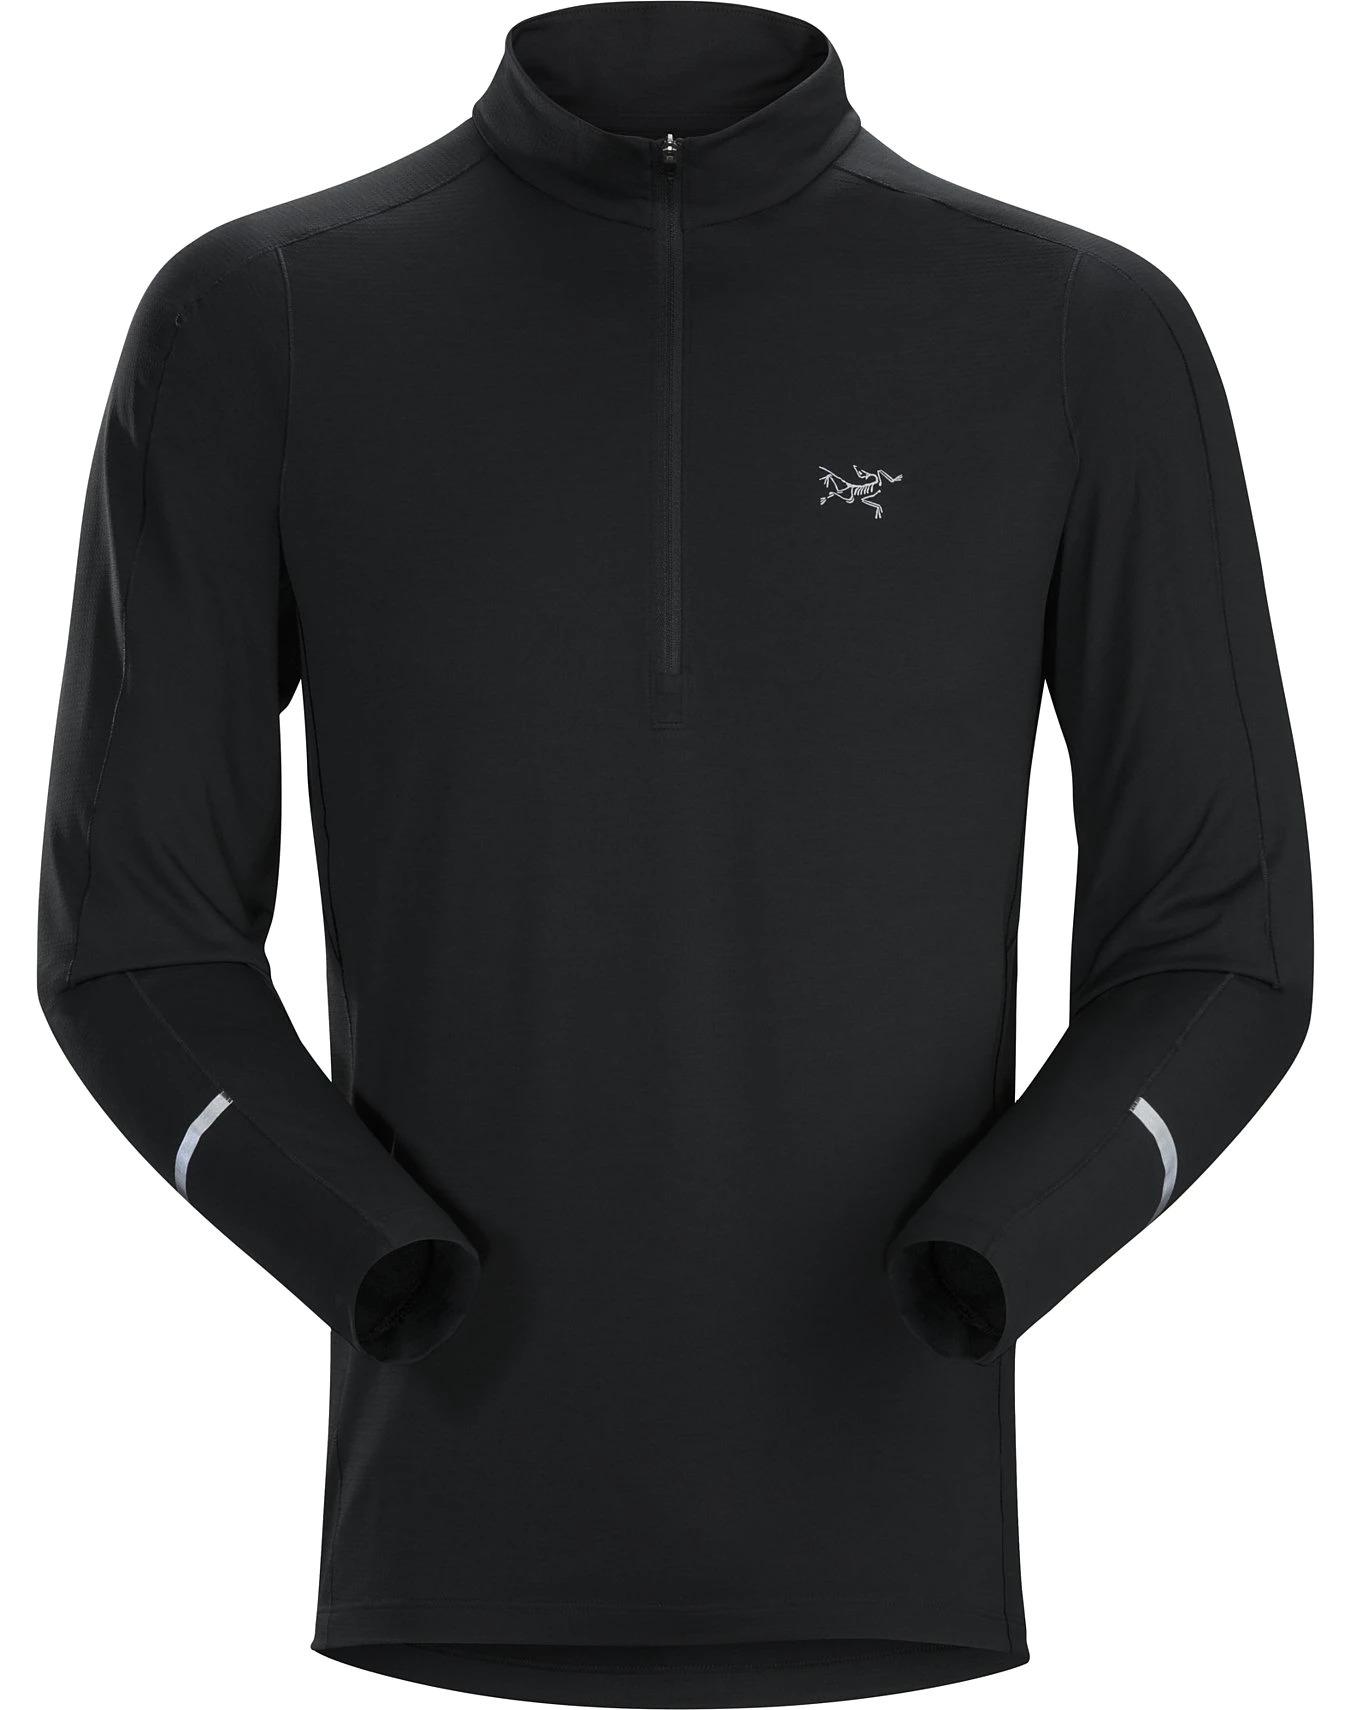 Cormac-Zip-Neck-Shirt-LS-Black.jpg